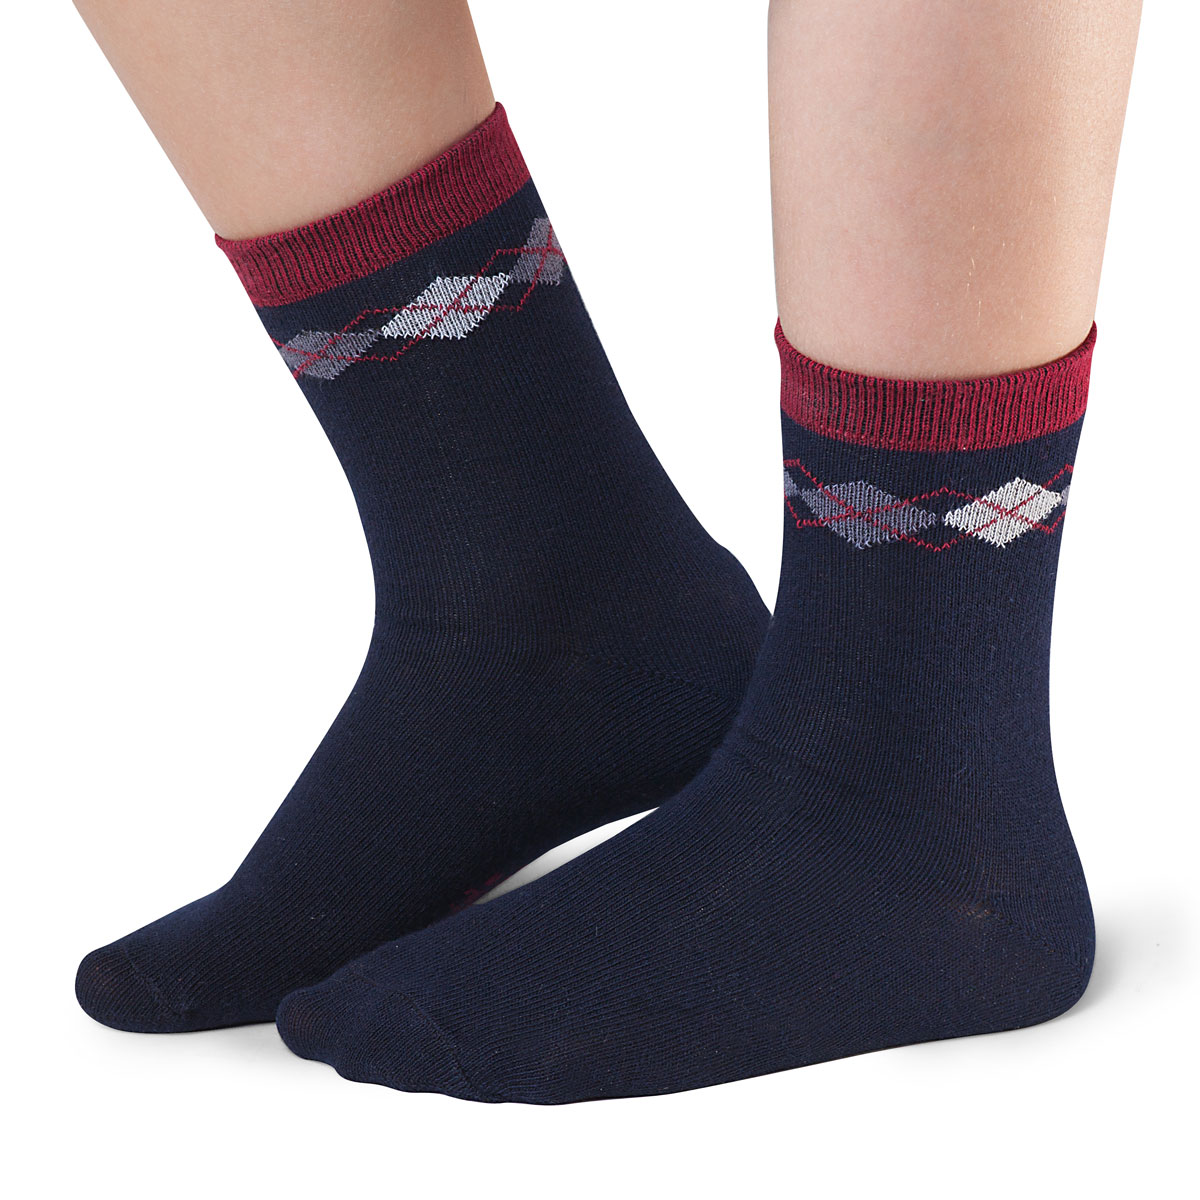 Носки для мальчика Idilio, цвет: синий. SB07. Размер 30/32SB07Комфортные носки для мальчиков с добавлением экологически чистого хлопка, изготовленные без применения химических красителей.